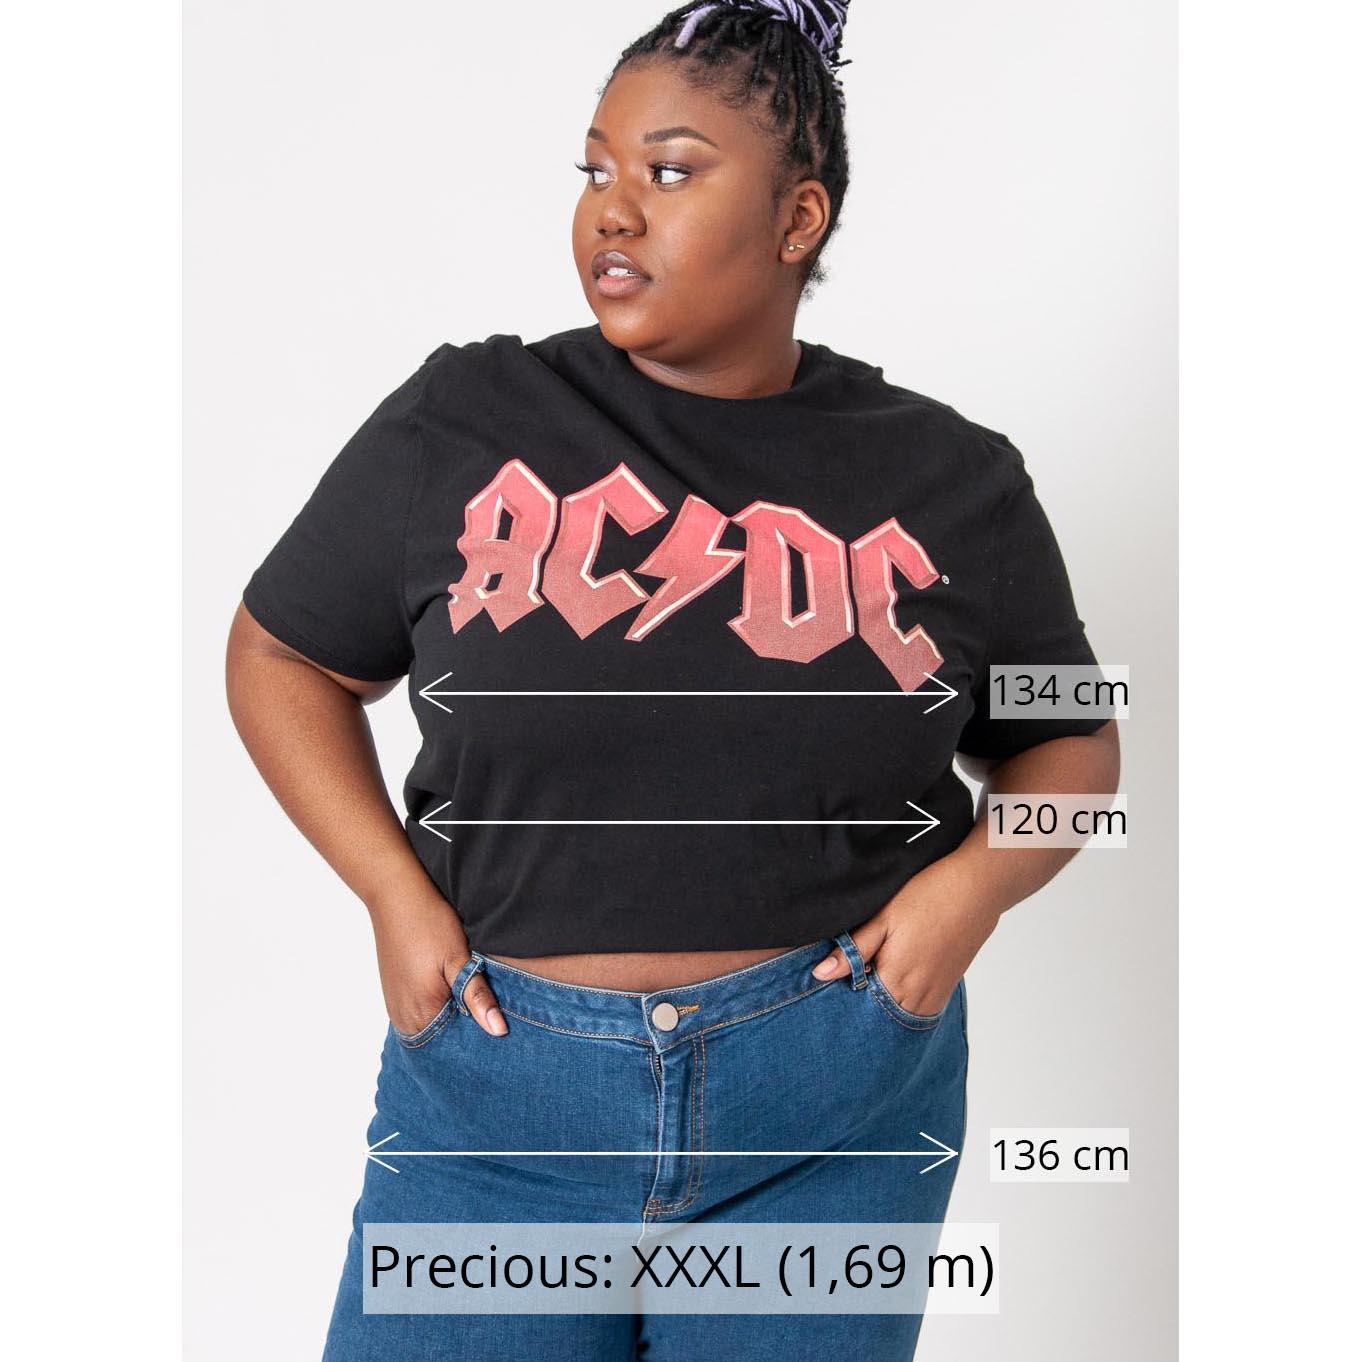 Models Größe XL oder größer